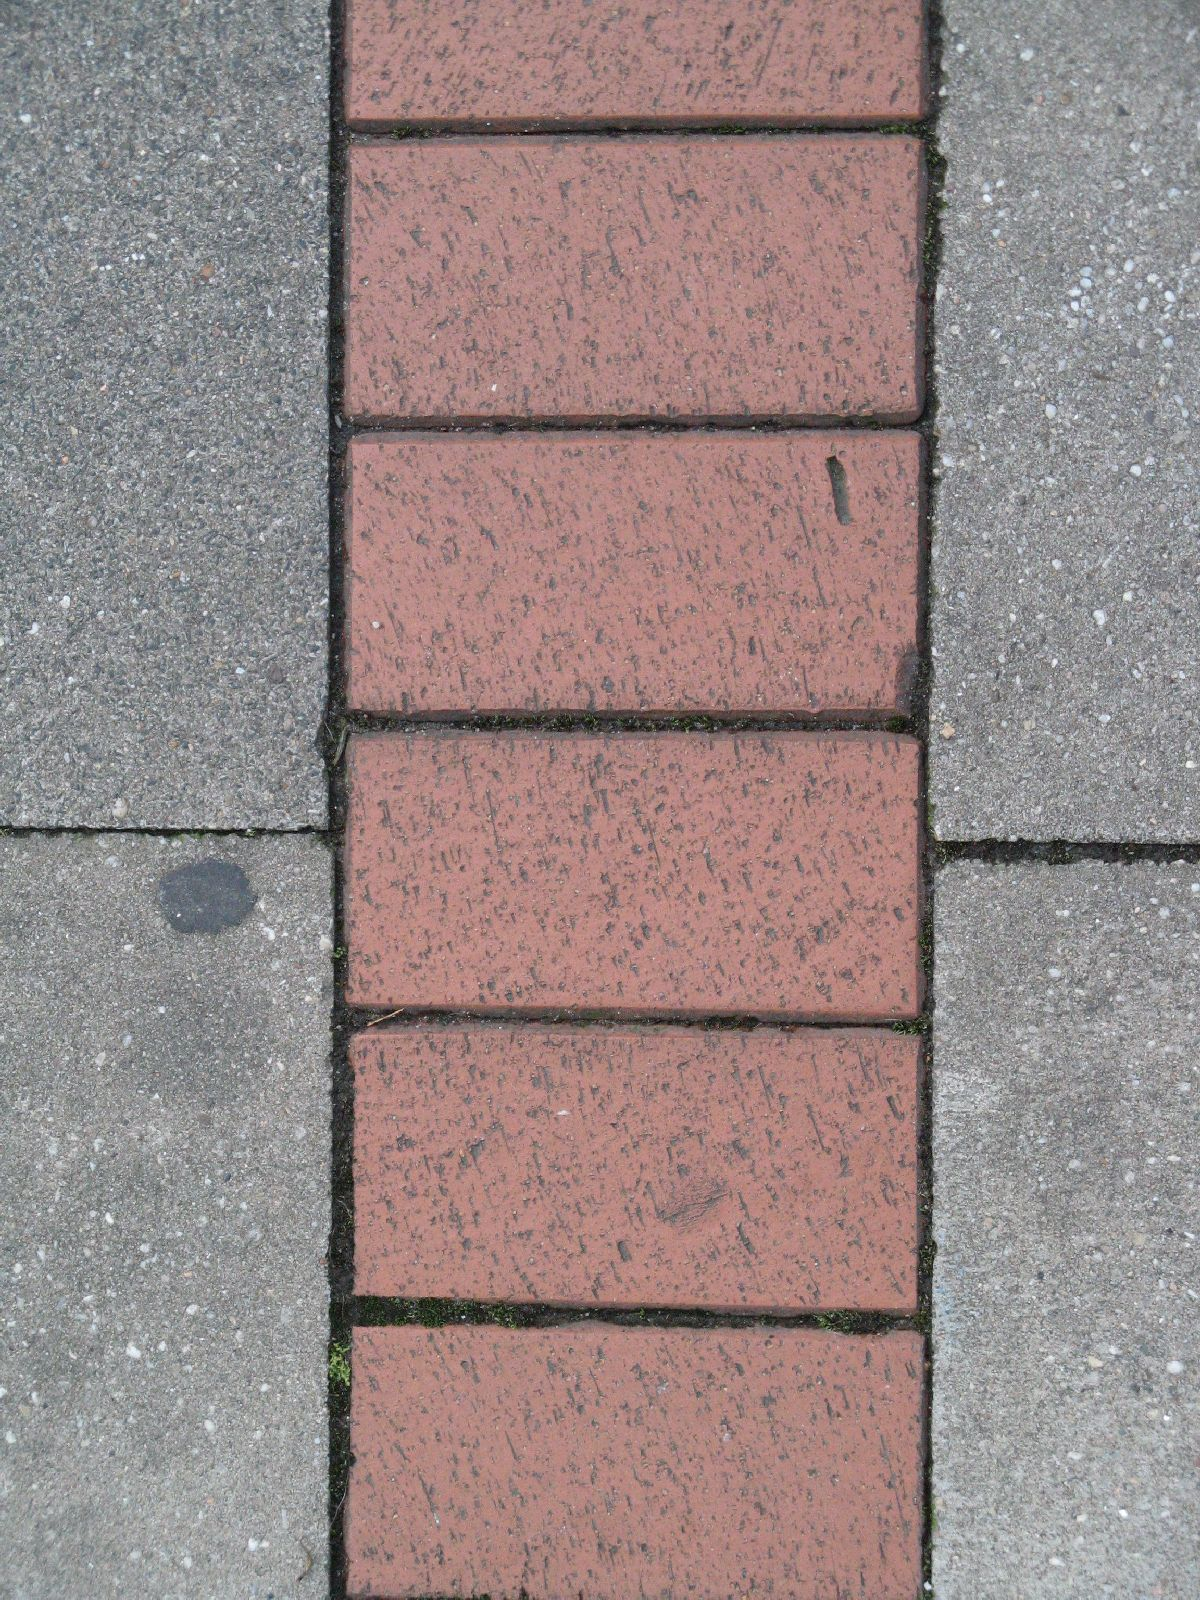 Ground-Urban_Texture_B_02828